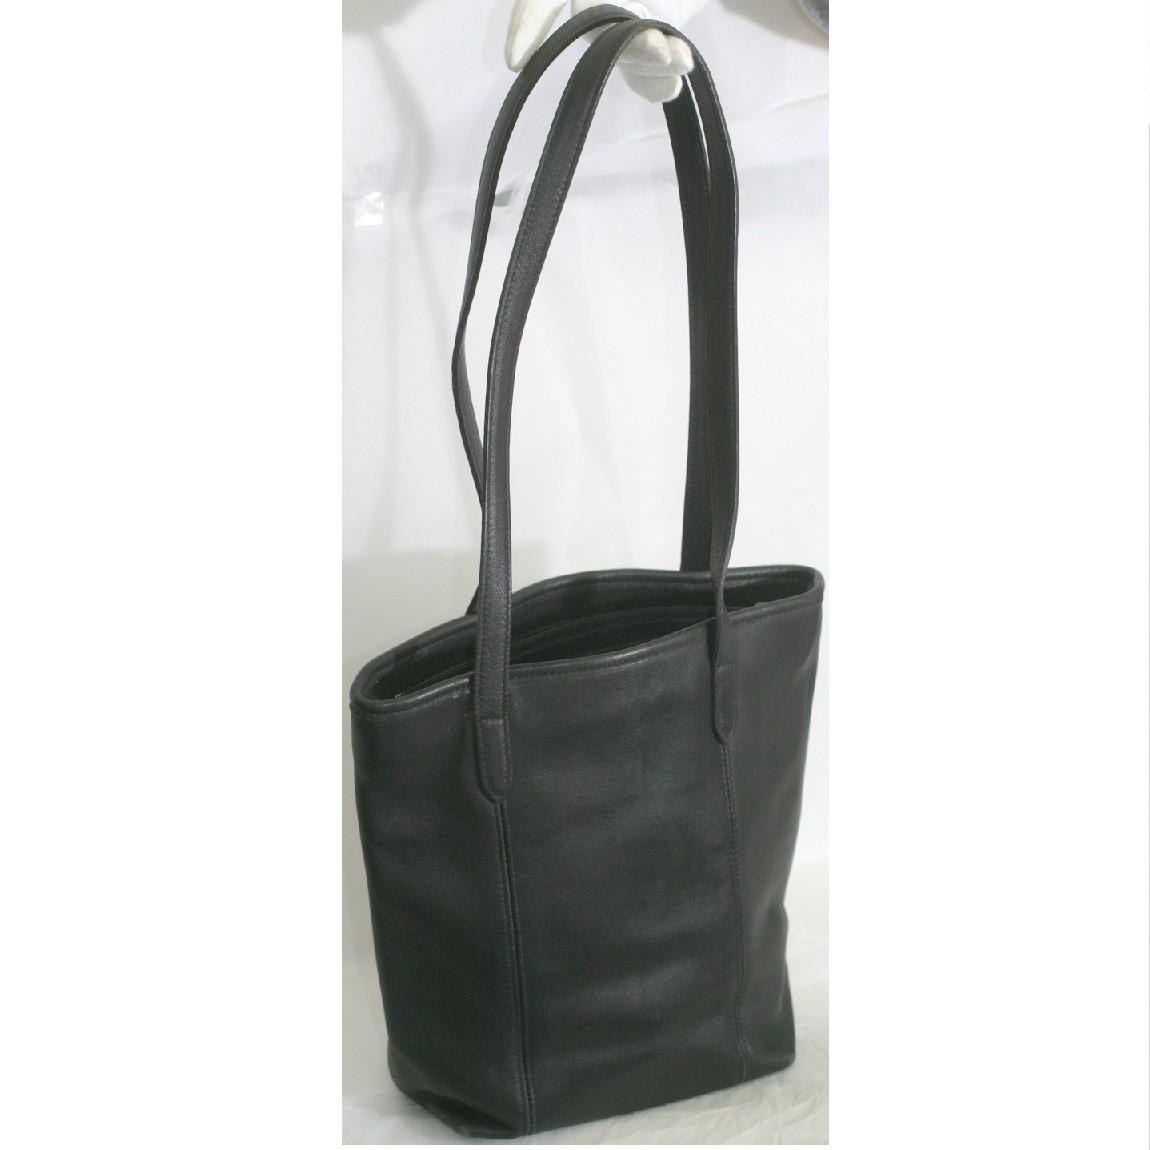 【中古】本物綺麗コーチ女性用黒い柔らかい革素材バケツ型トートバッグ9077 サイズW25H25D9cm